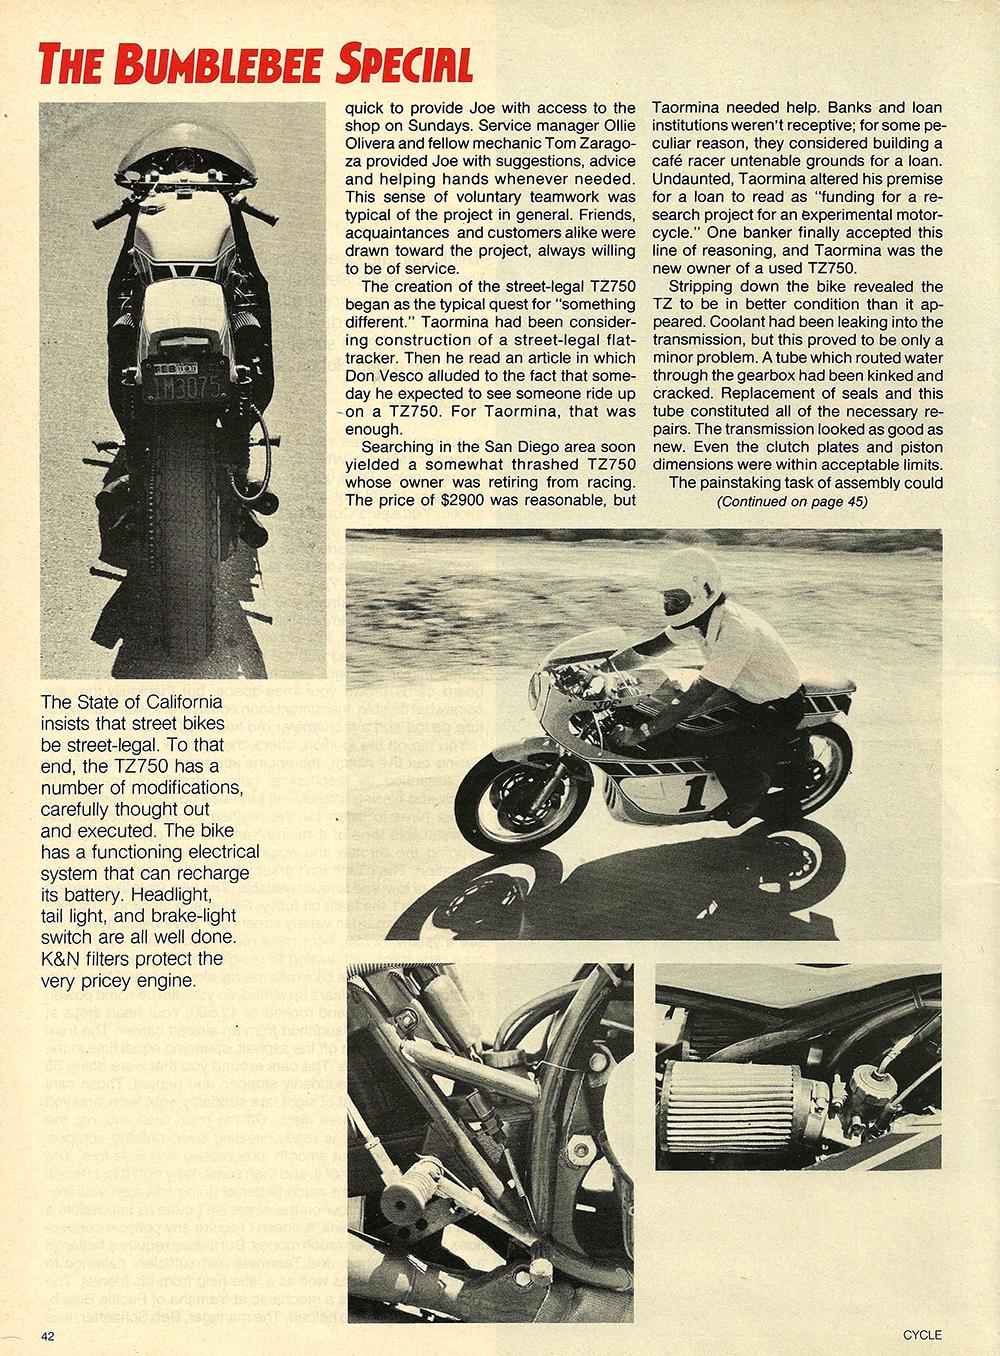 1978 Yamaha TZ750 Bumblebee Special test 03.jpg